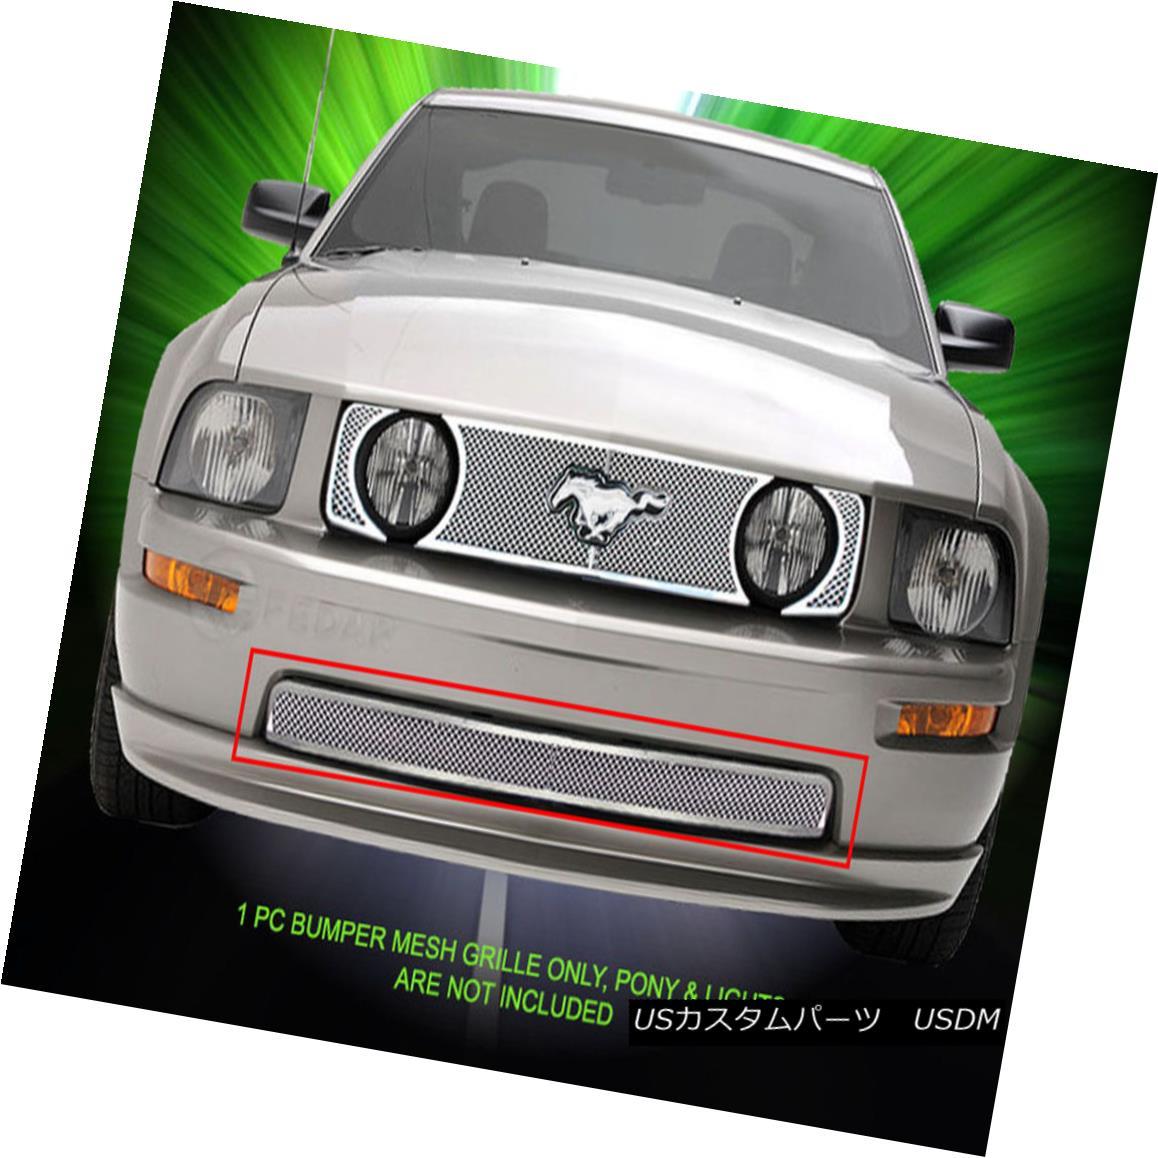 グリル for 05-09 Ford Mustang V8 GT Stainless Steel Mesh Grille Bumper Insert Fedar 05-09 Ford Mustang V8 GTステンレスメッシュグリルバンパーインサートFedar